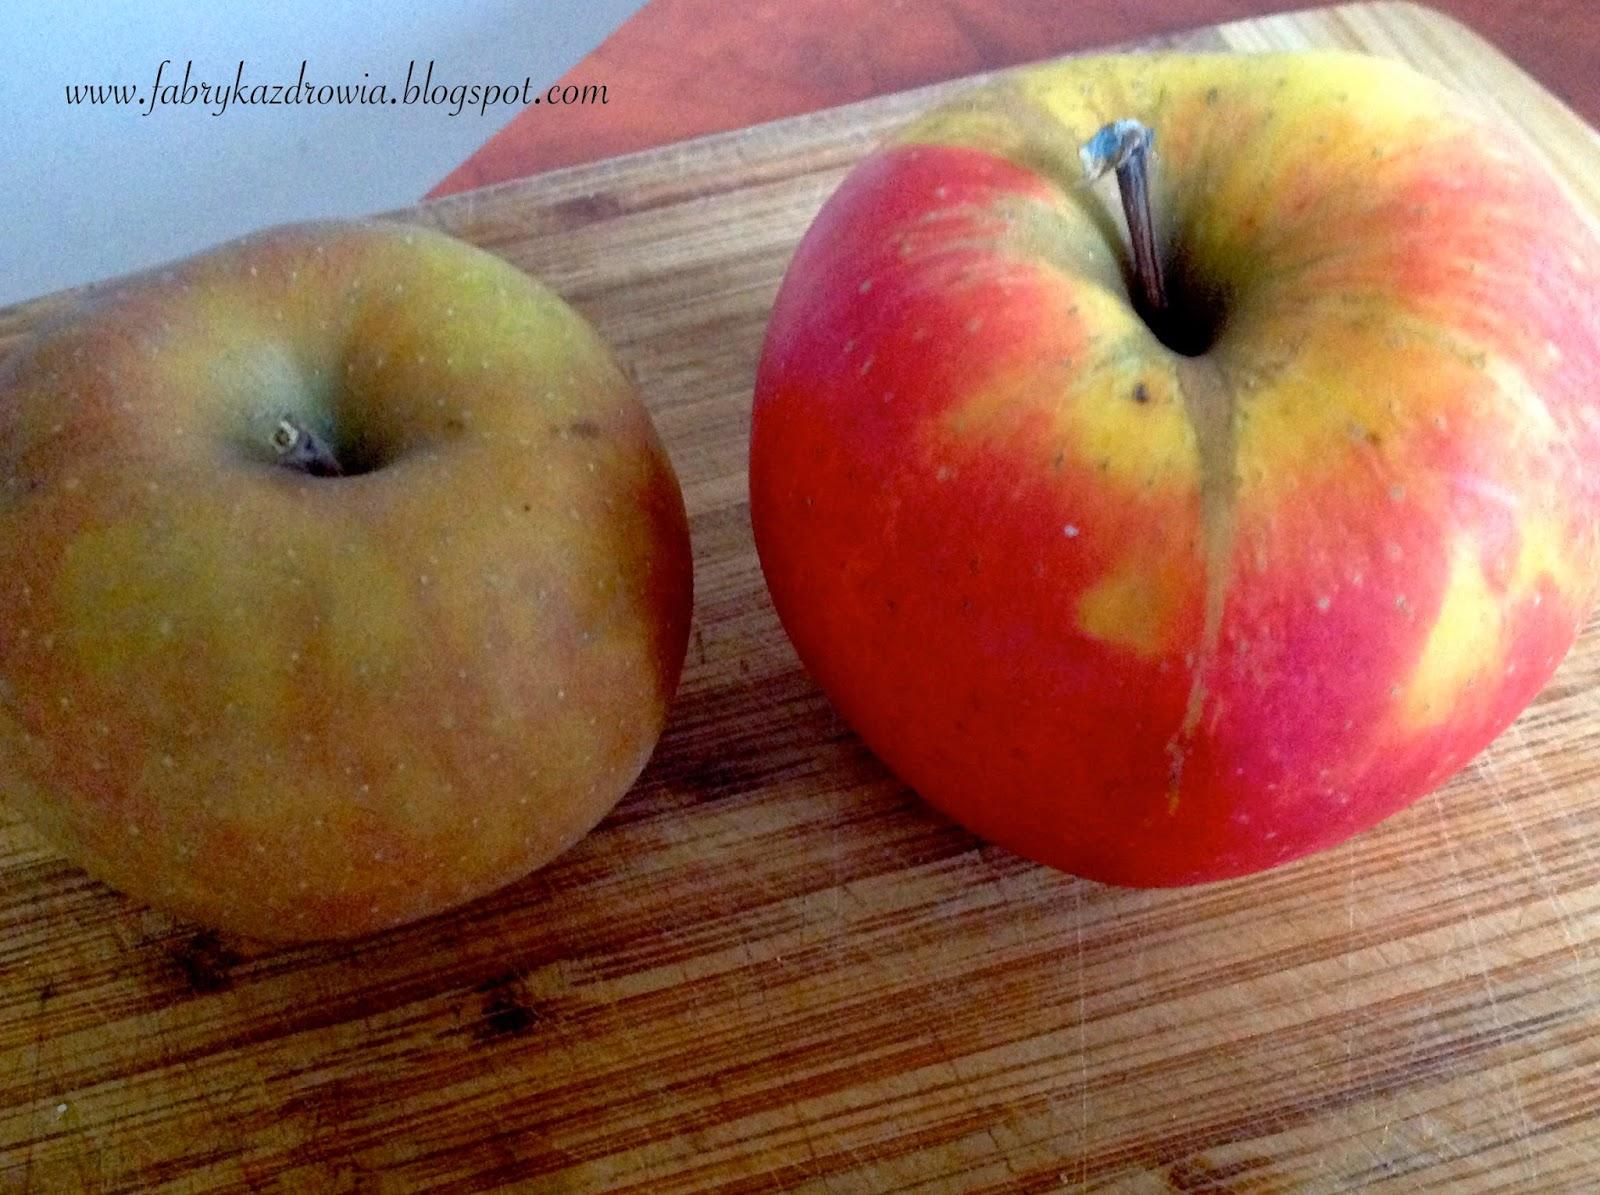 100 produktów, które musisz mieć w domu #5 – jabłko i czy można jeść owoce po 12-tej? A po 18-tej?